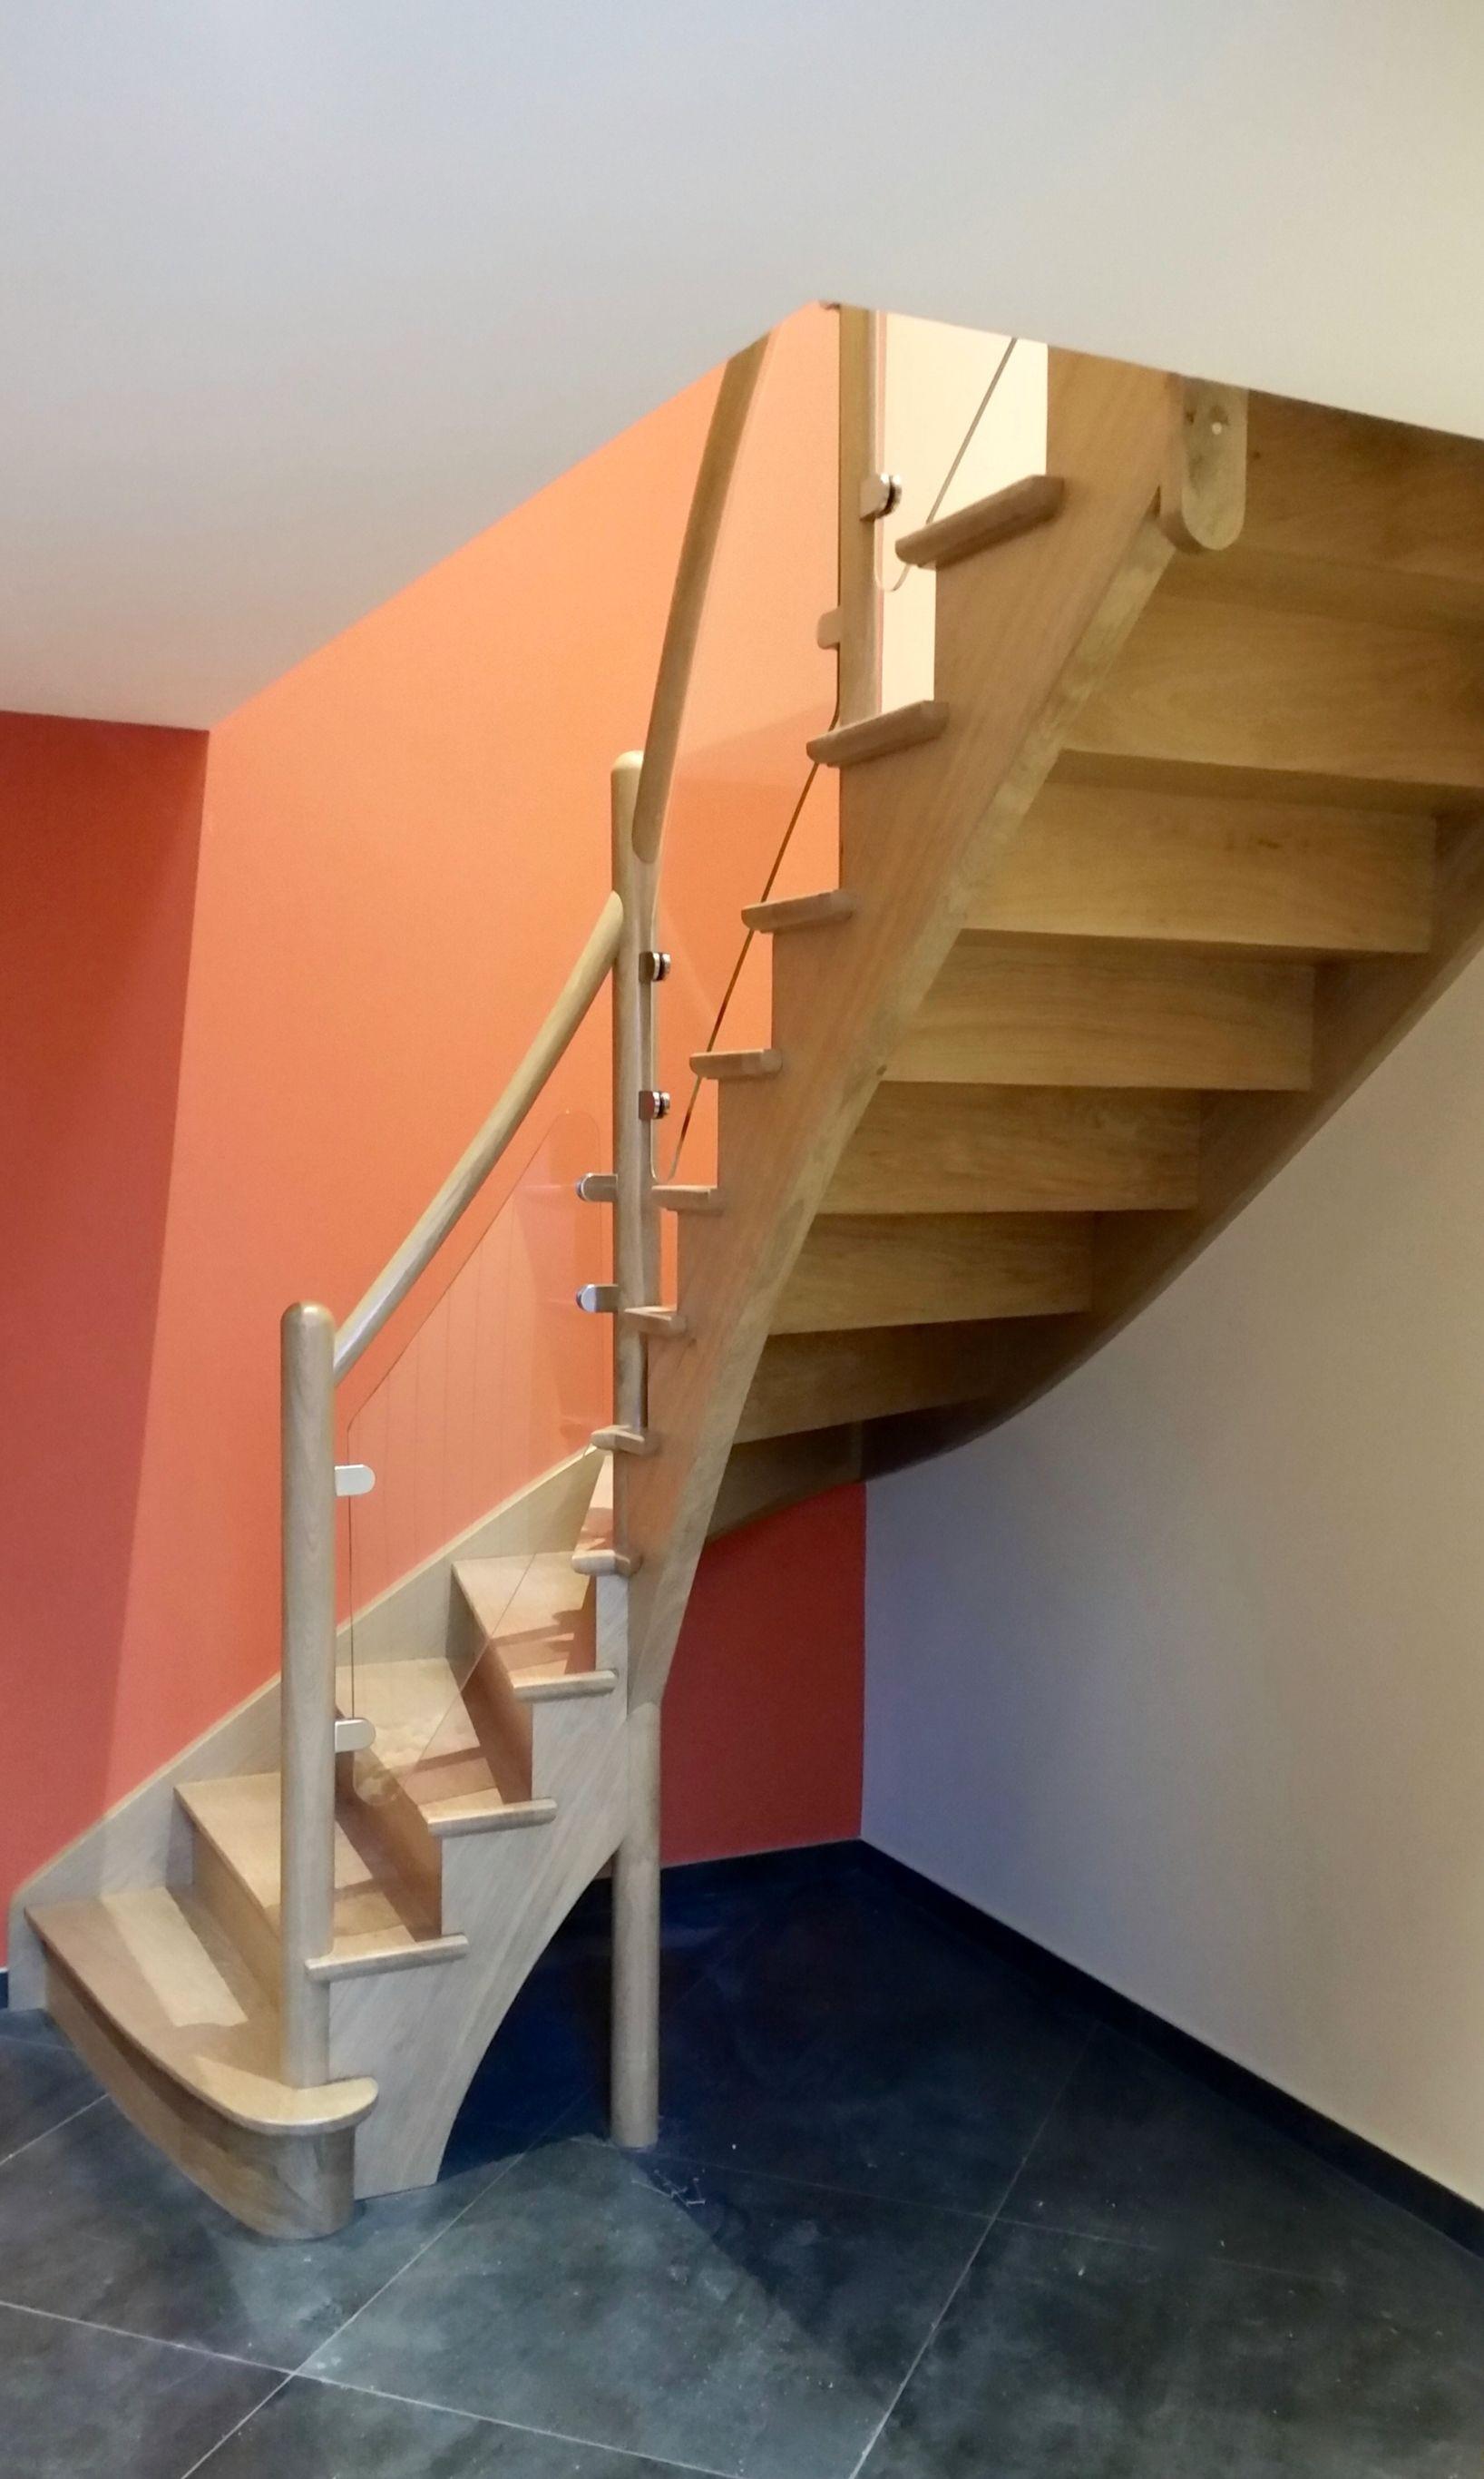 escalier 1 4 tournant l 39 anglaise avec garde corps en verre feuillet escaliers l 39 anglaise. Black Bedroom Furniture Sets. Home Design Ideas